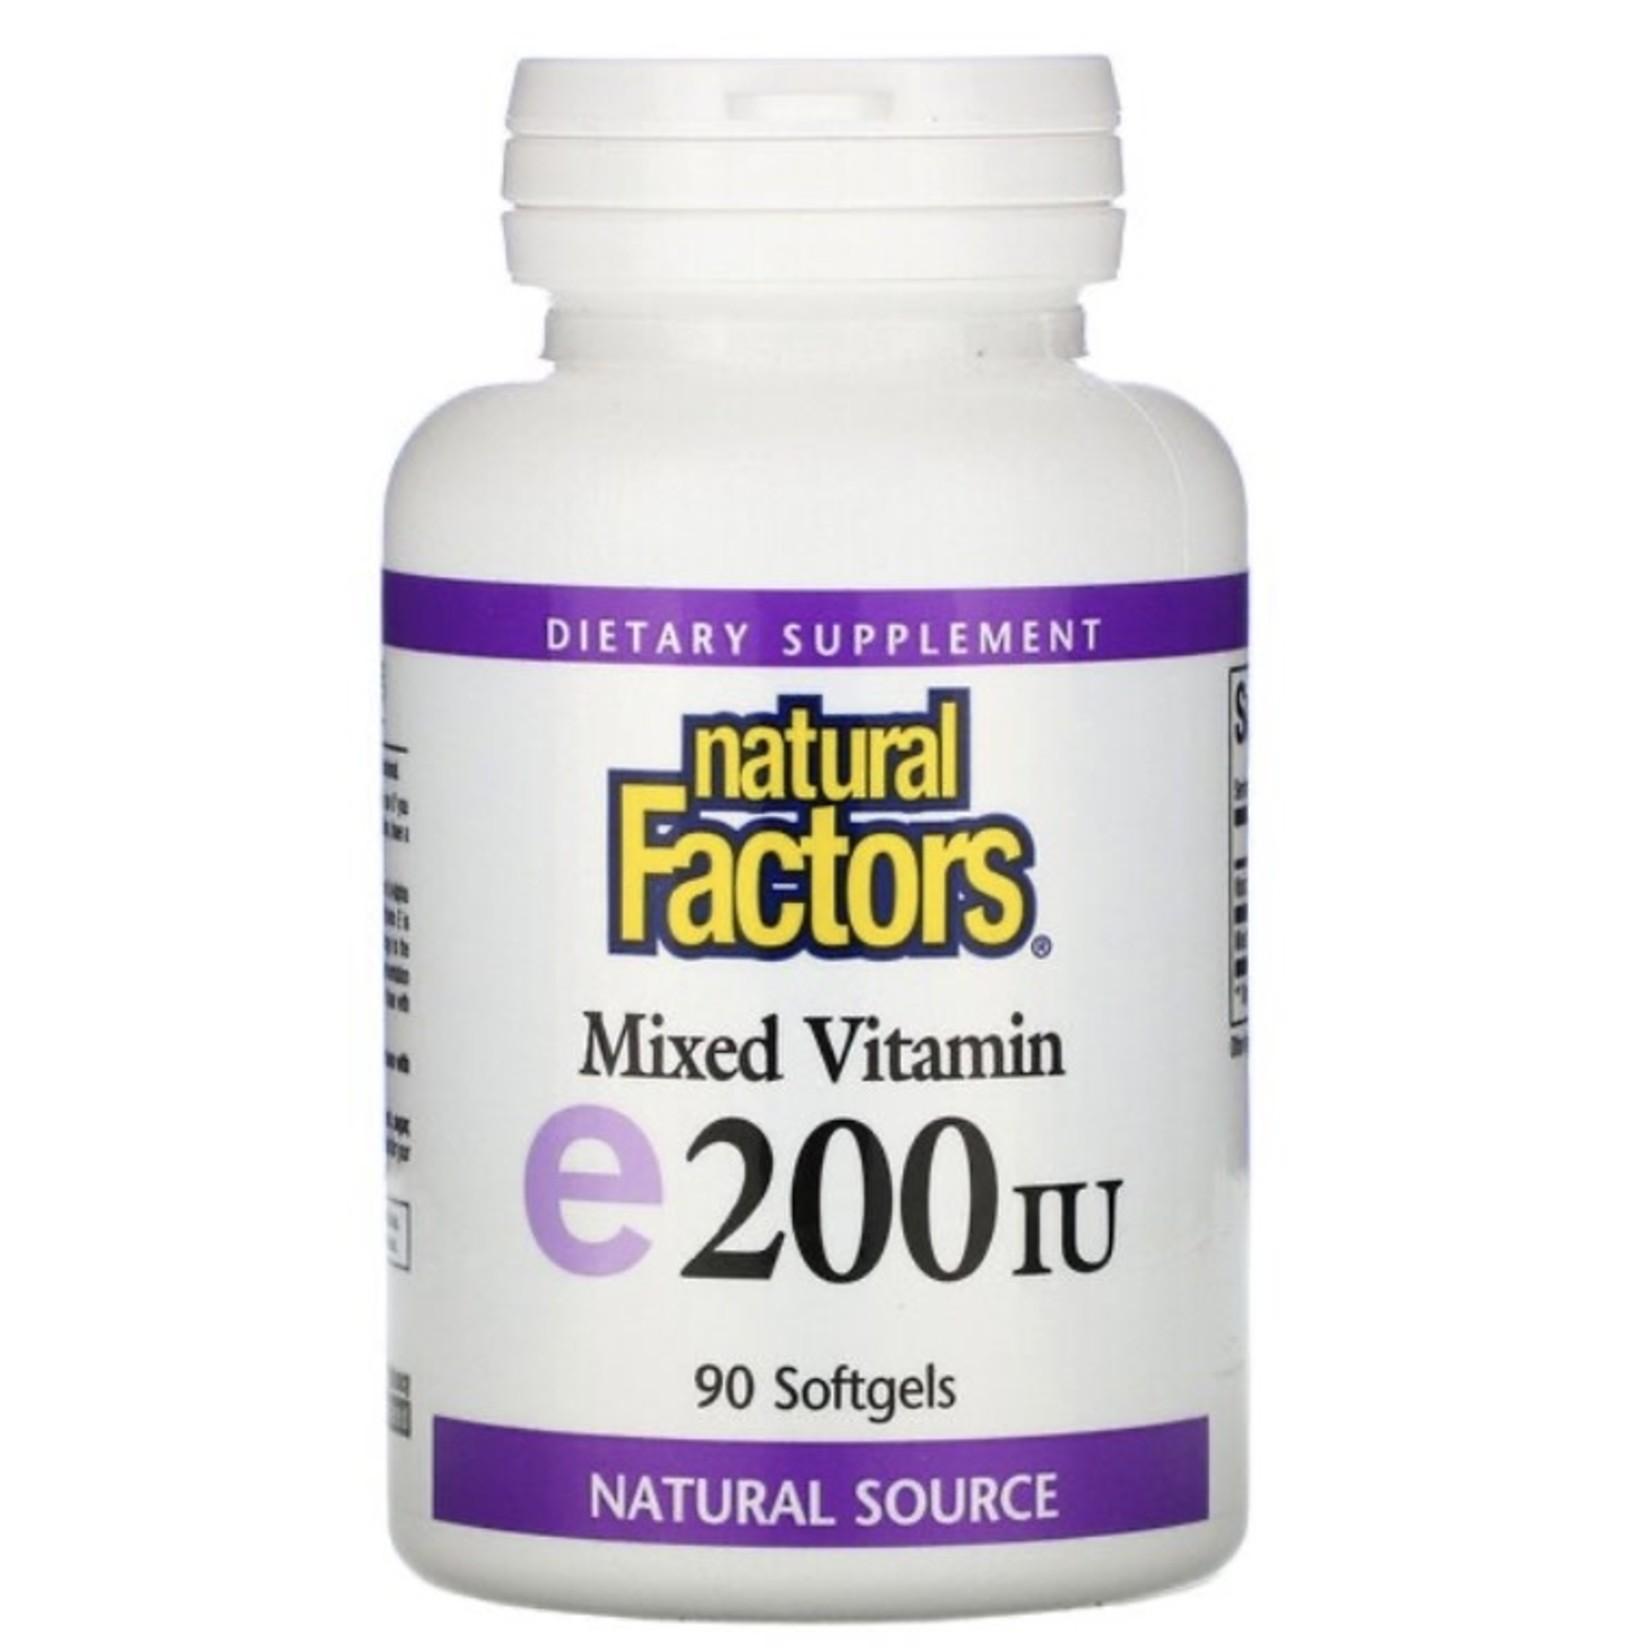 Natural Factors Natural Factors Vitamin e200 IU 90 softgels